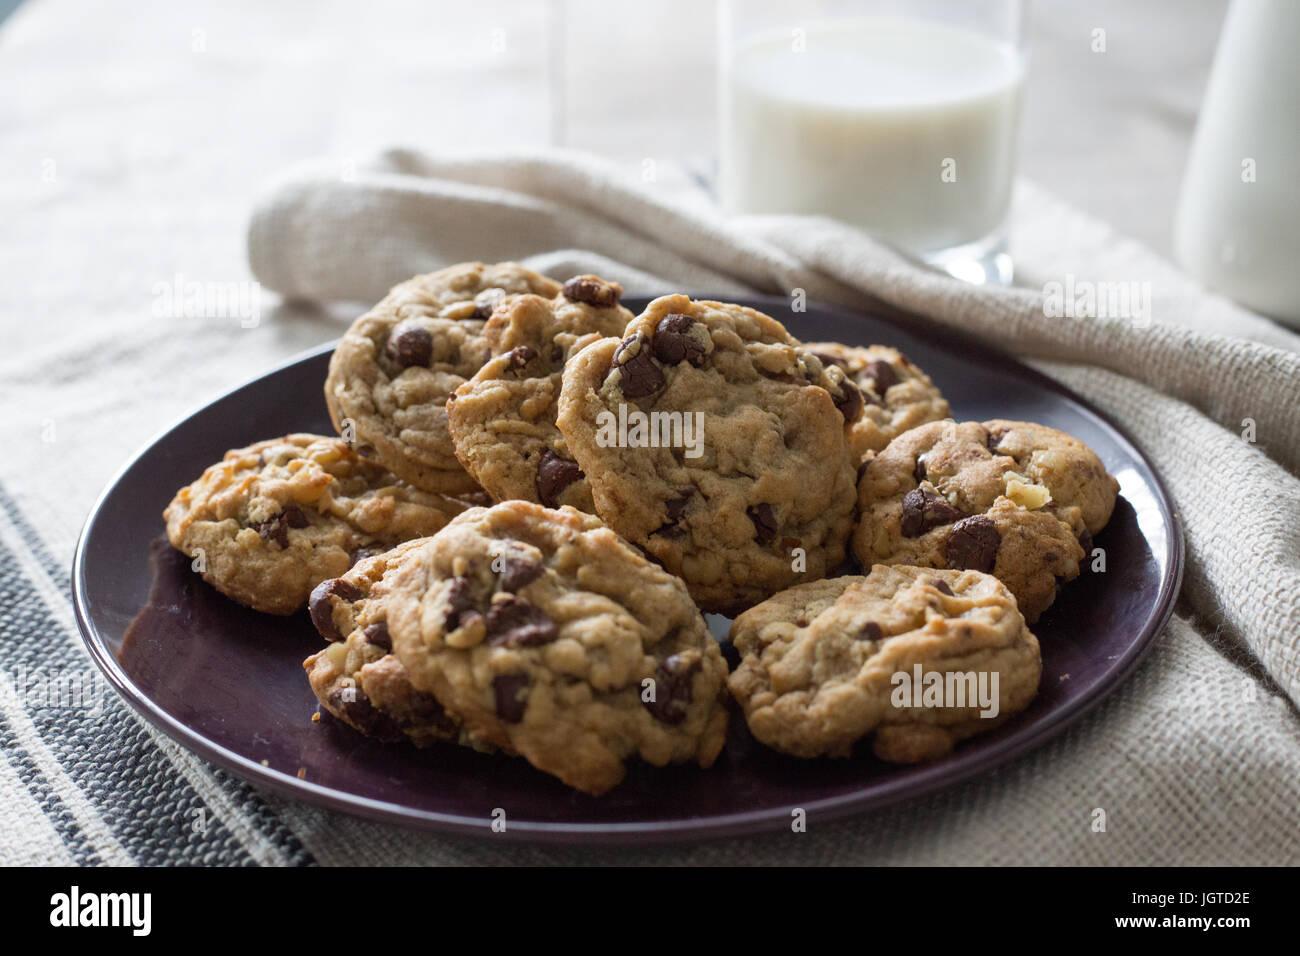 Cookies und ein Glas Milch Hintergrundbeleuchtung Stockbild